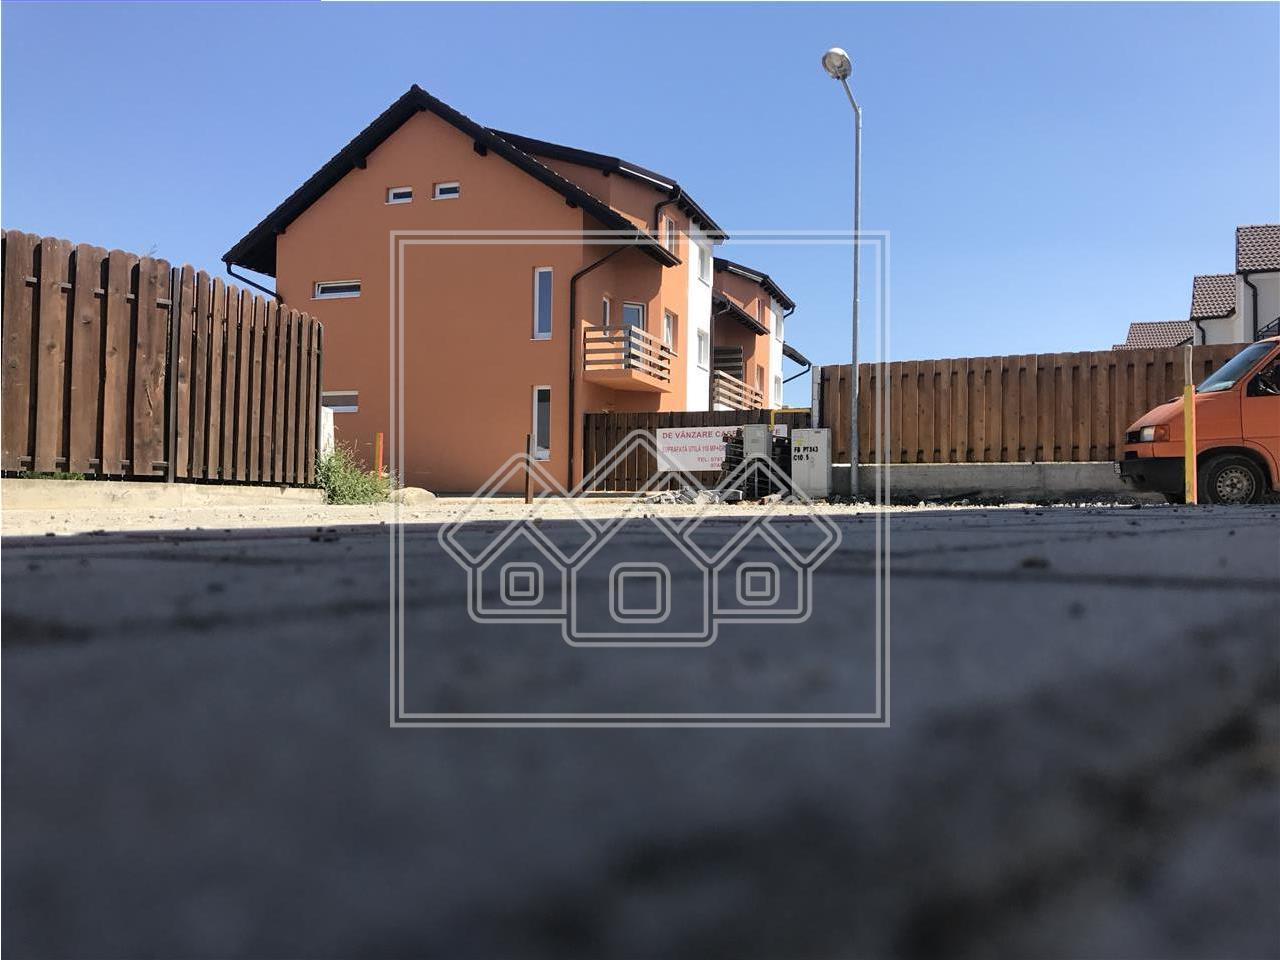 Casa de vanzare in Sibiu (P+E+M), intabulata, strada asfaltata